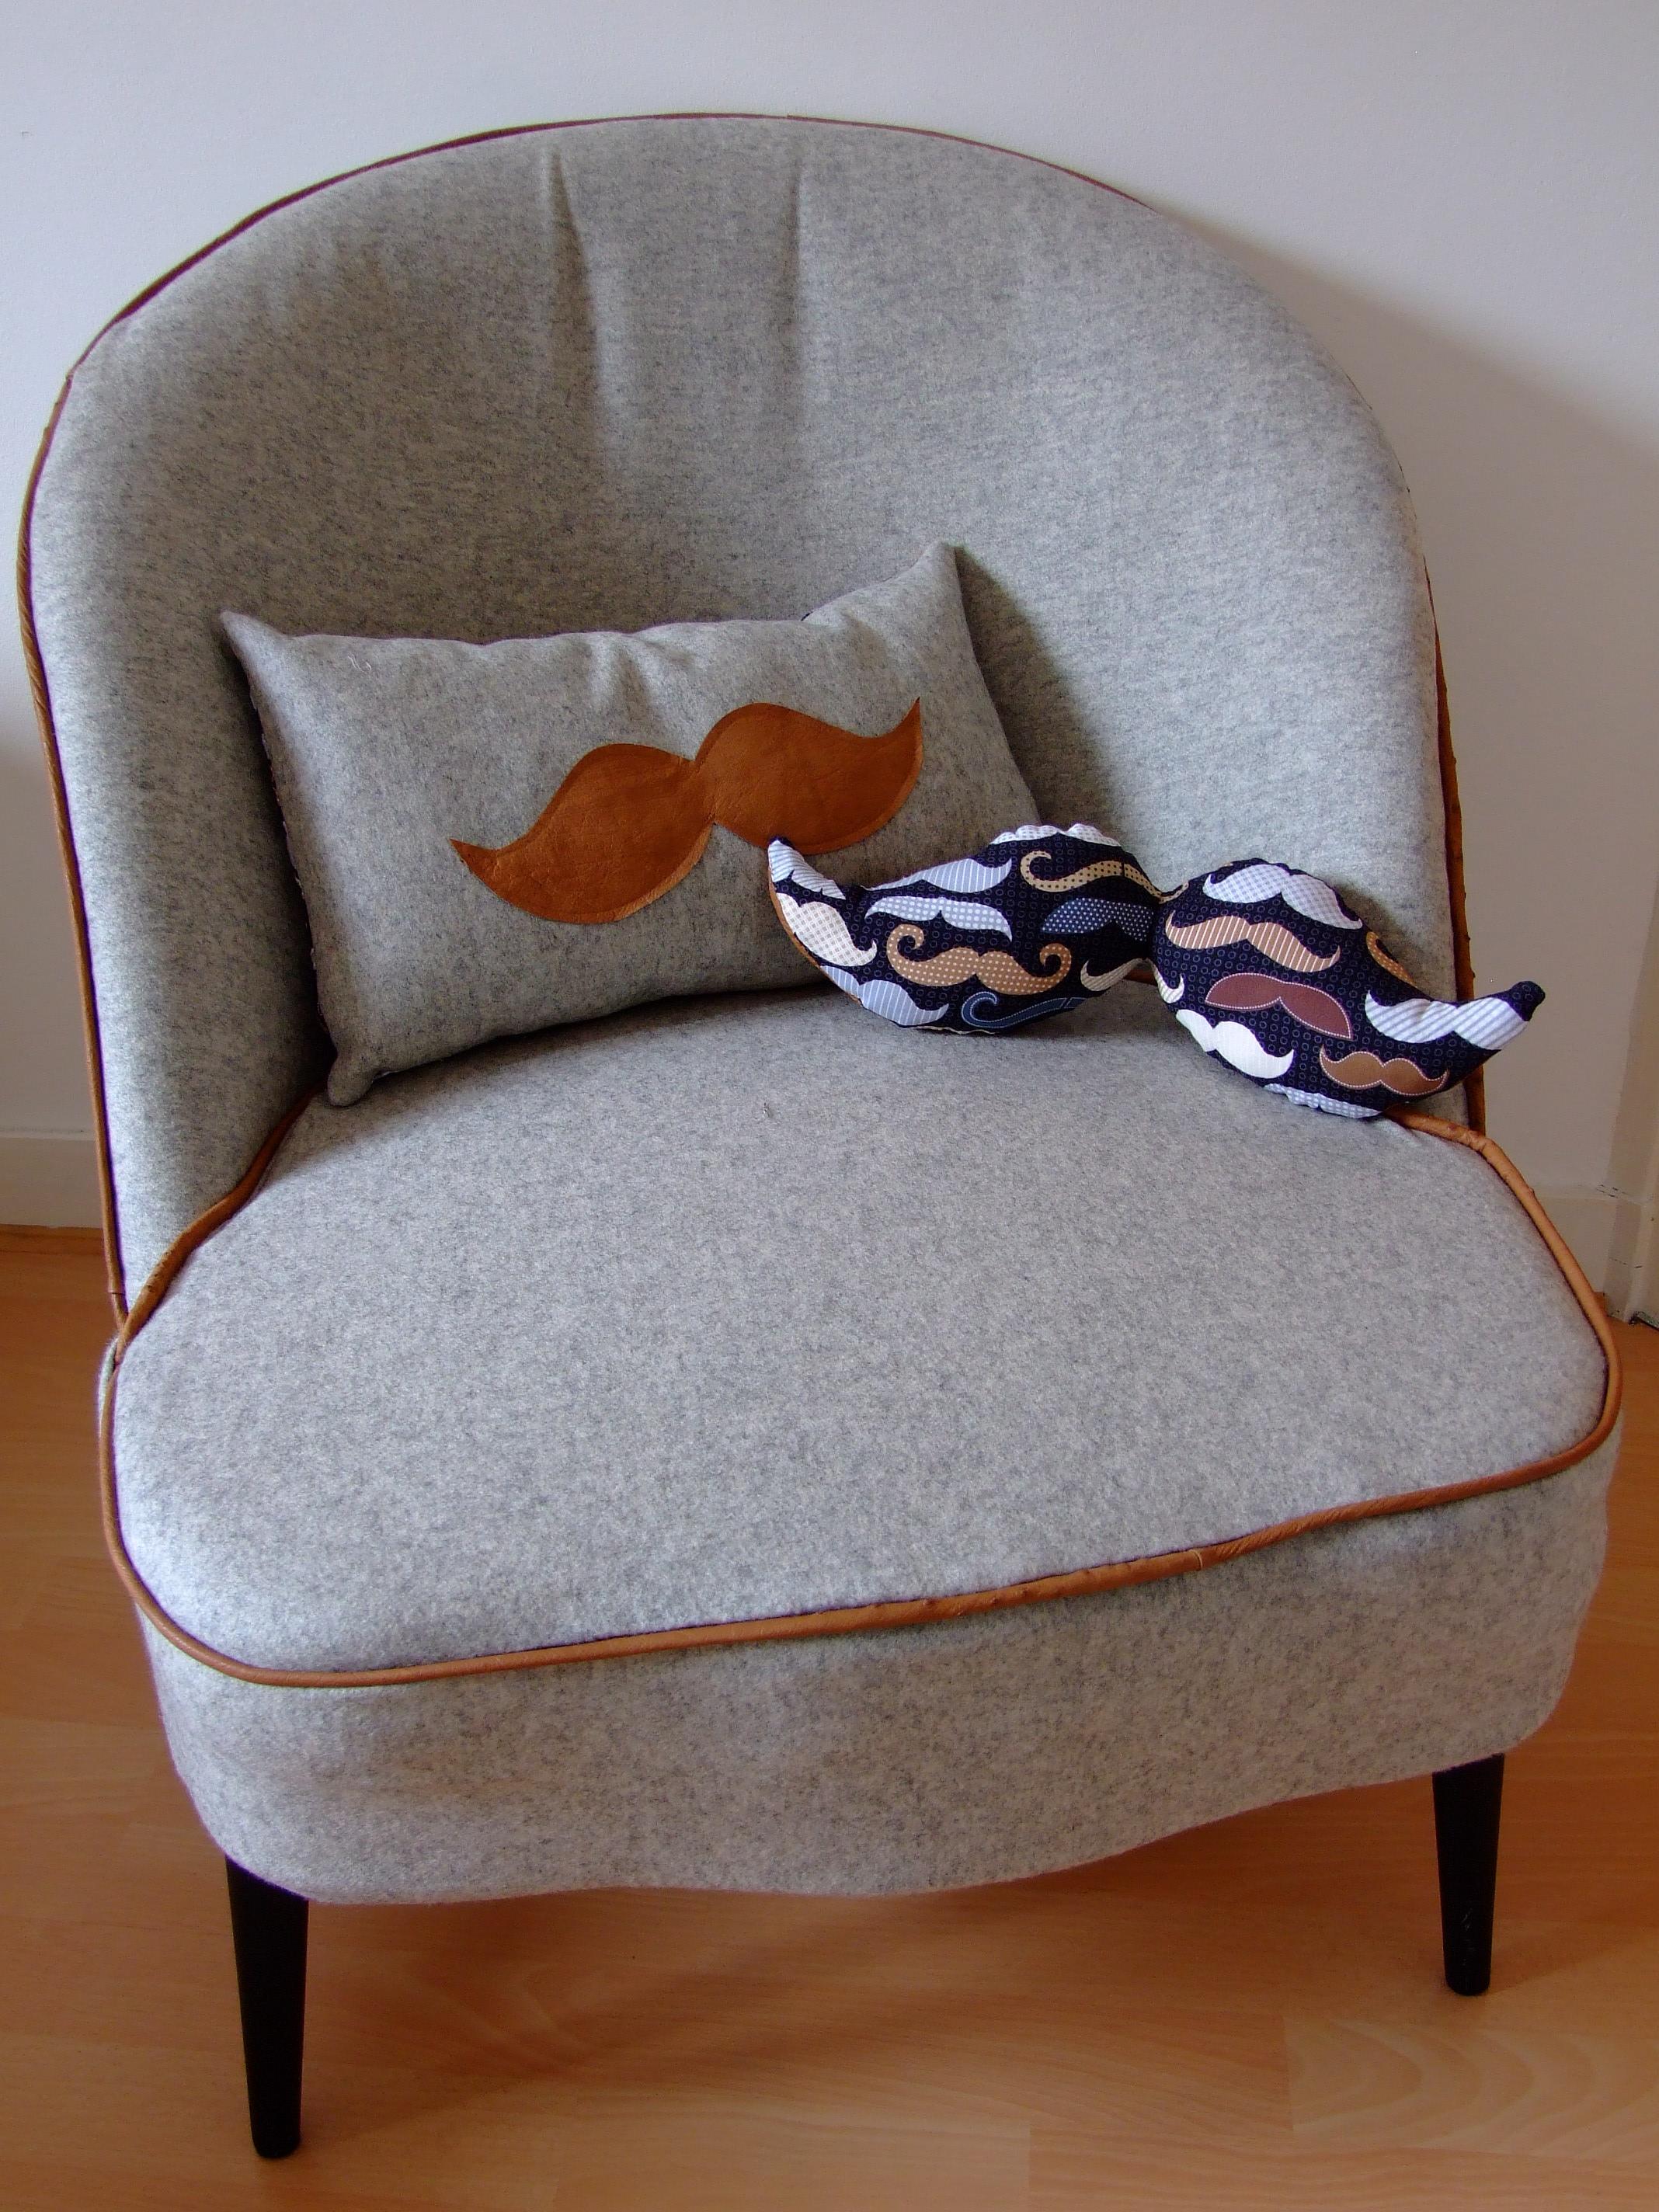 Le fauteuil crapaud revisit - Fauteuil crapaud imprime ...